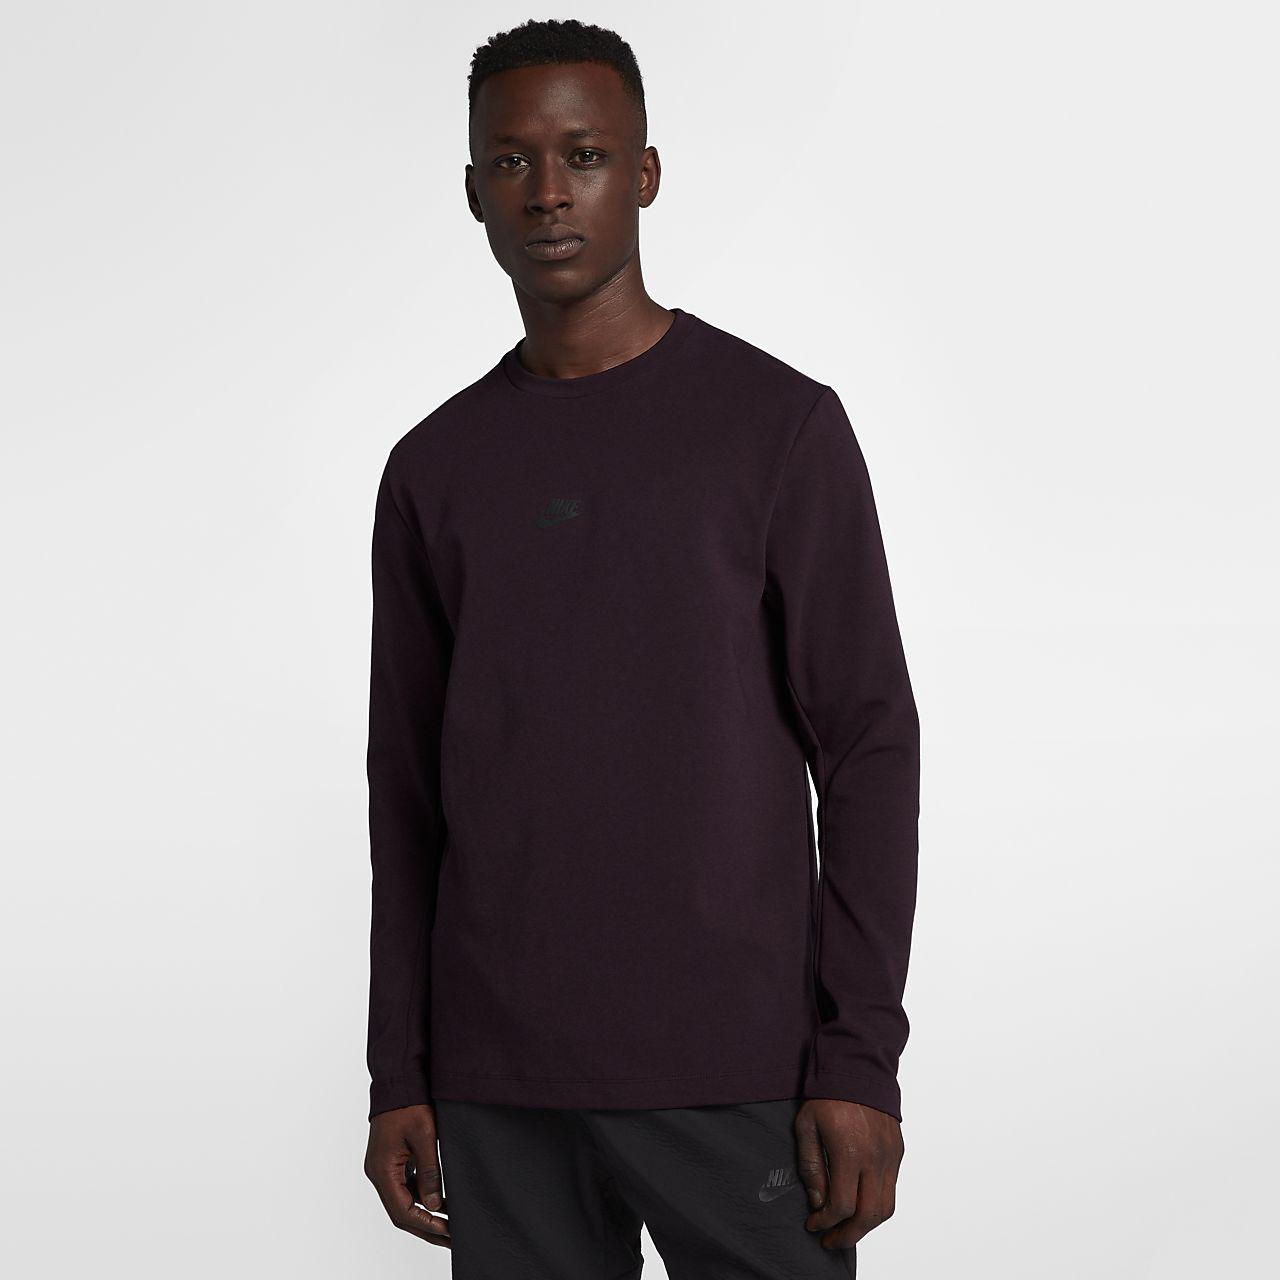 Långärmad tröja med rundad hals Nike Sportswear Tech Pack för män